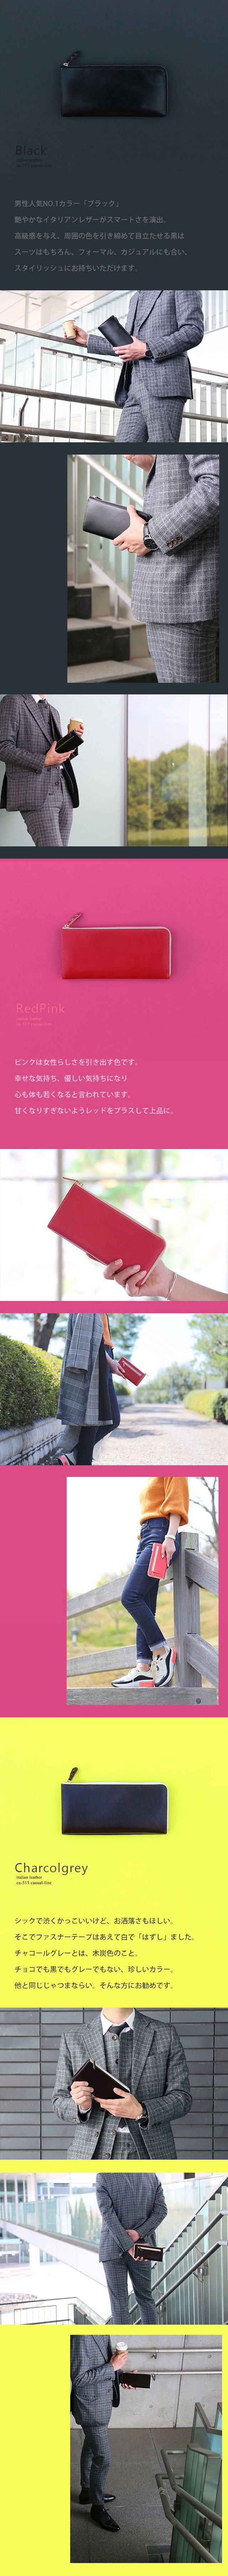 ブラック、レッドピンク、チャコールグレー色の長財布